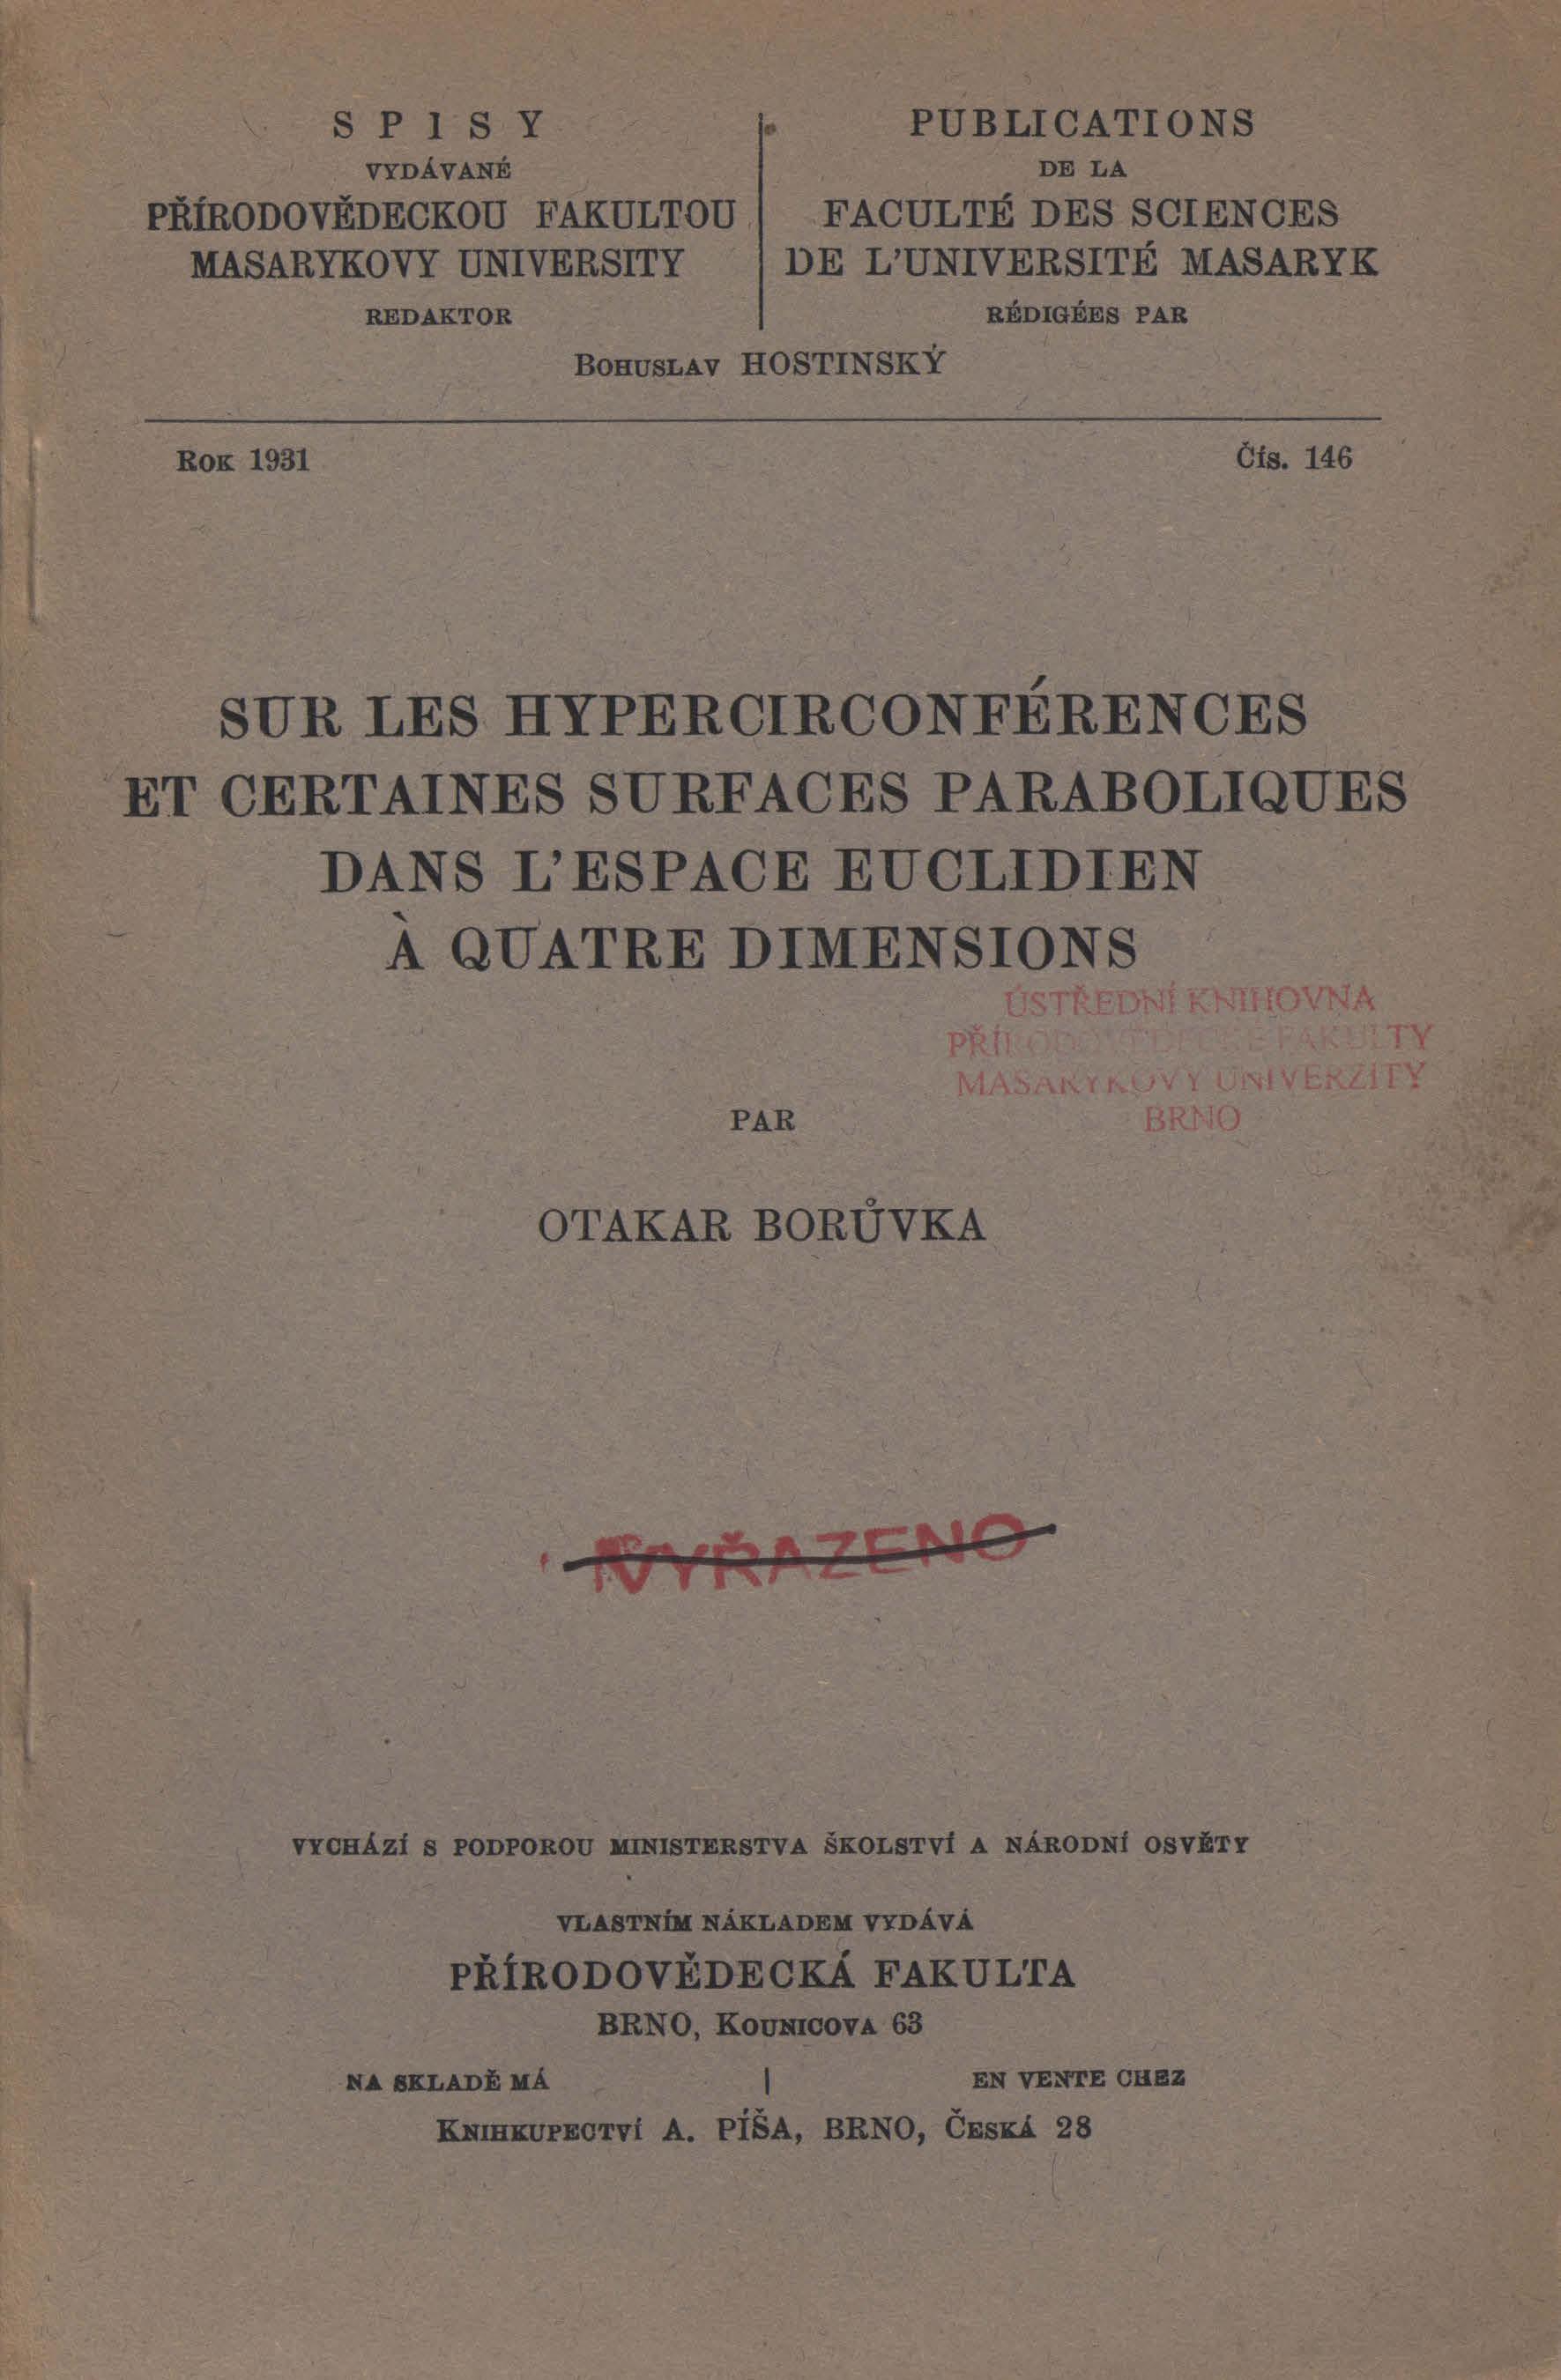 Obálka pro Sur les hypercirconférences et certaines surfaces paraboliques dans l'espace euclidien à quatre dimensions